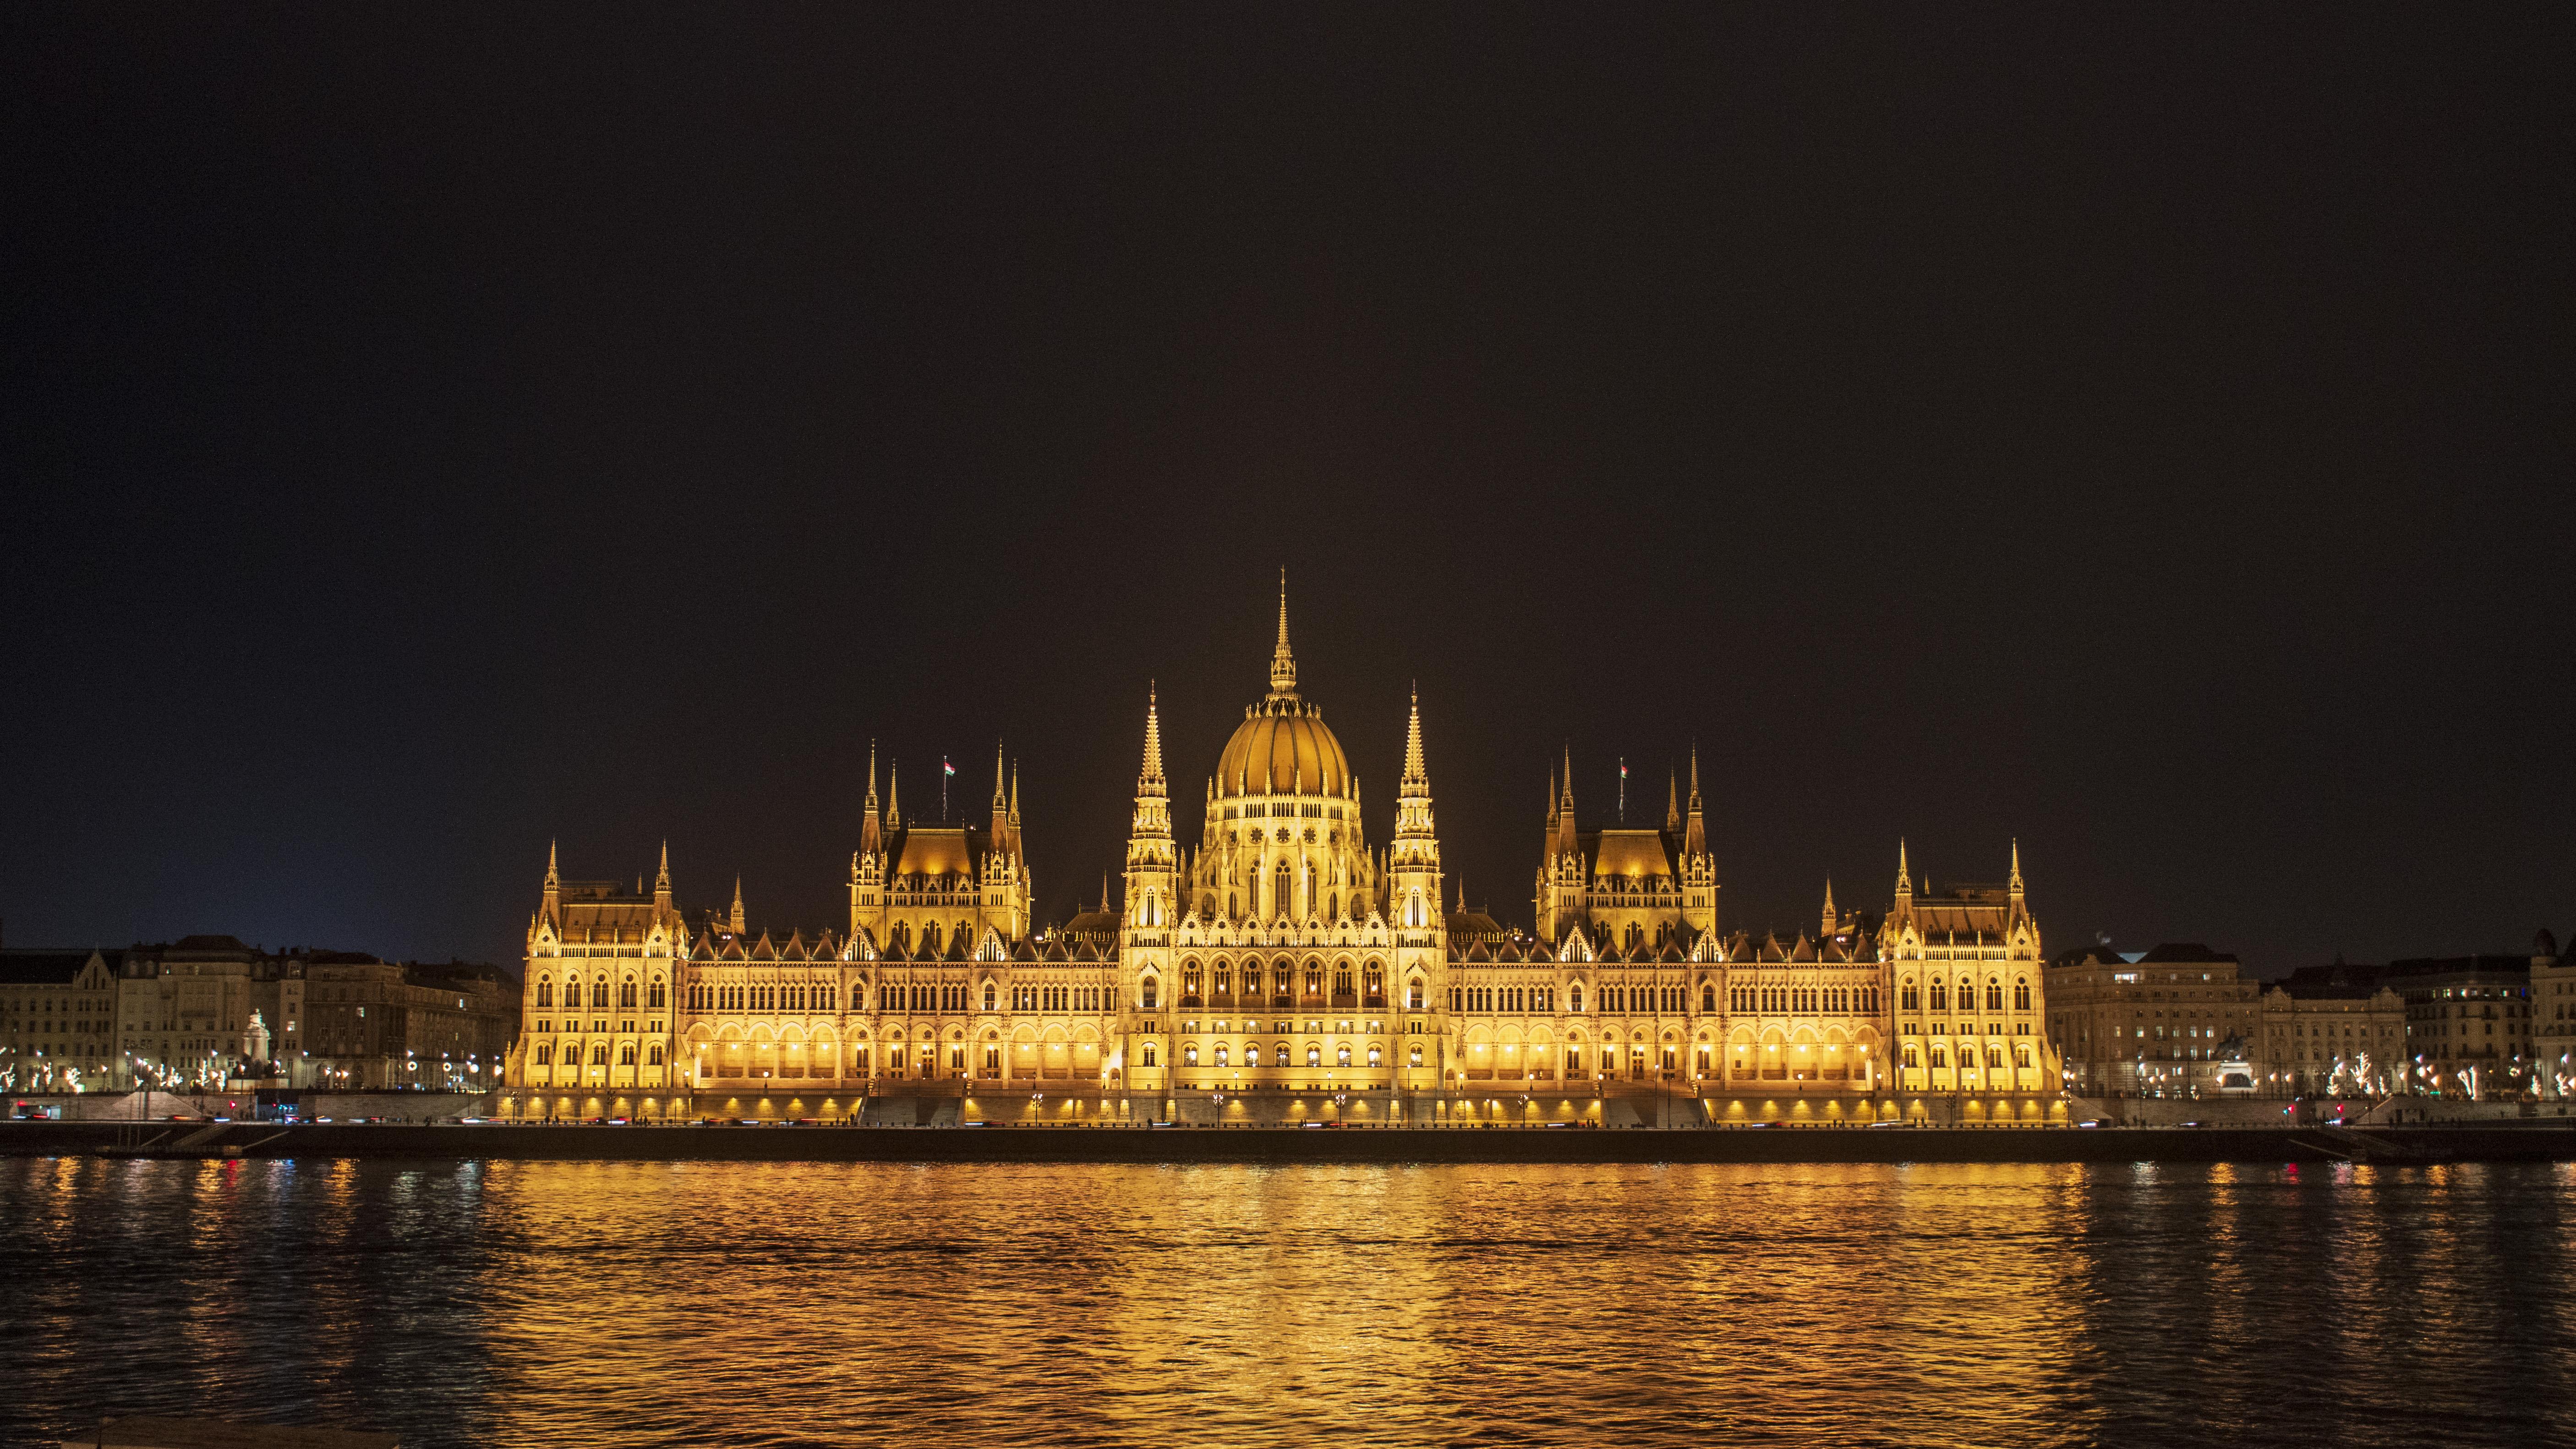 Buda_Parliament_2